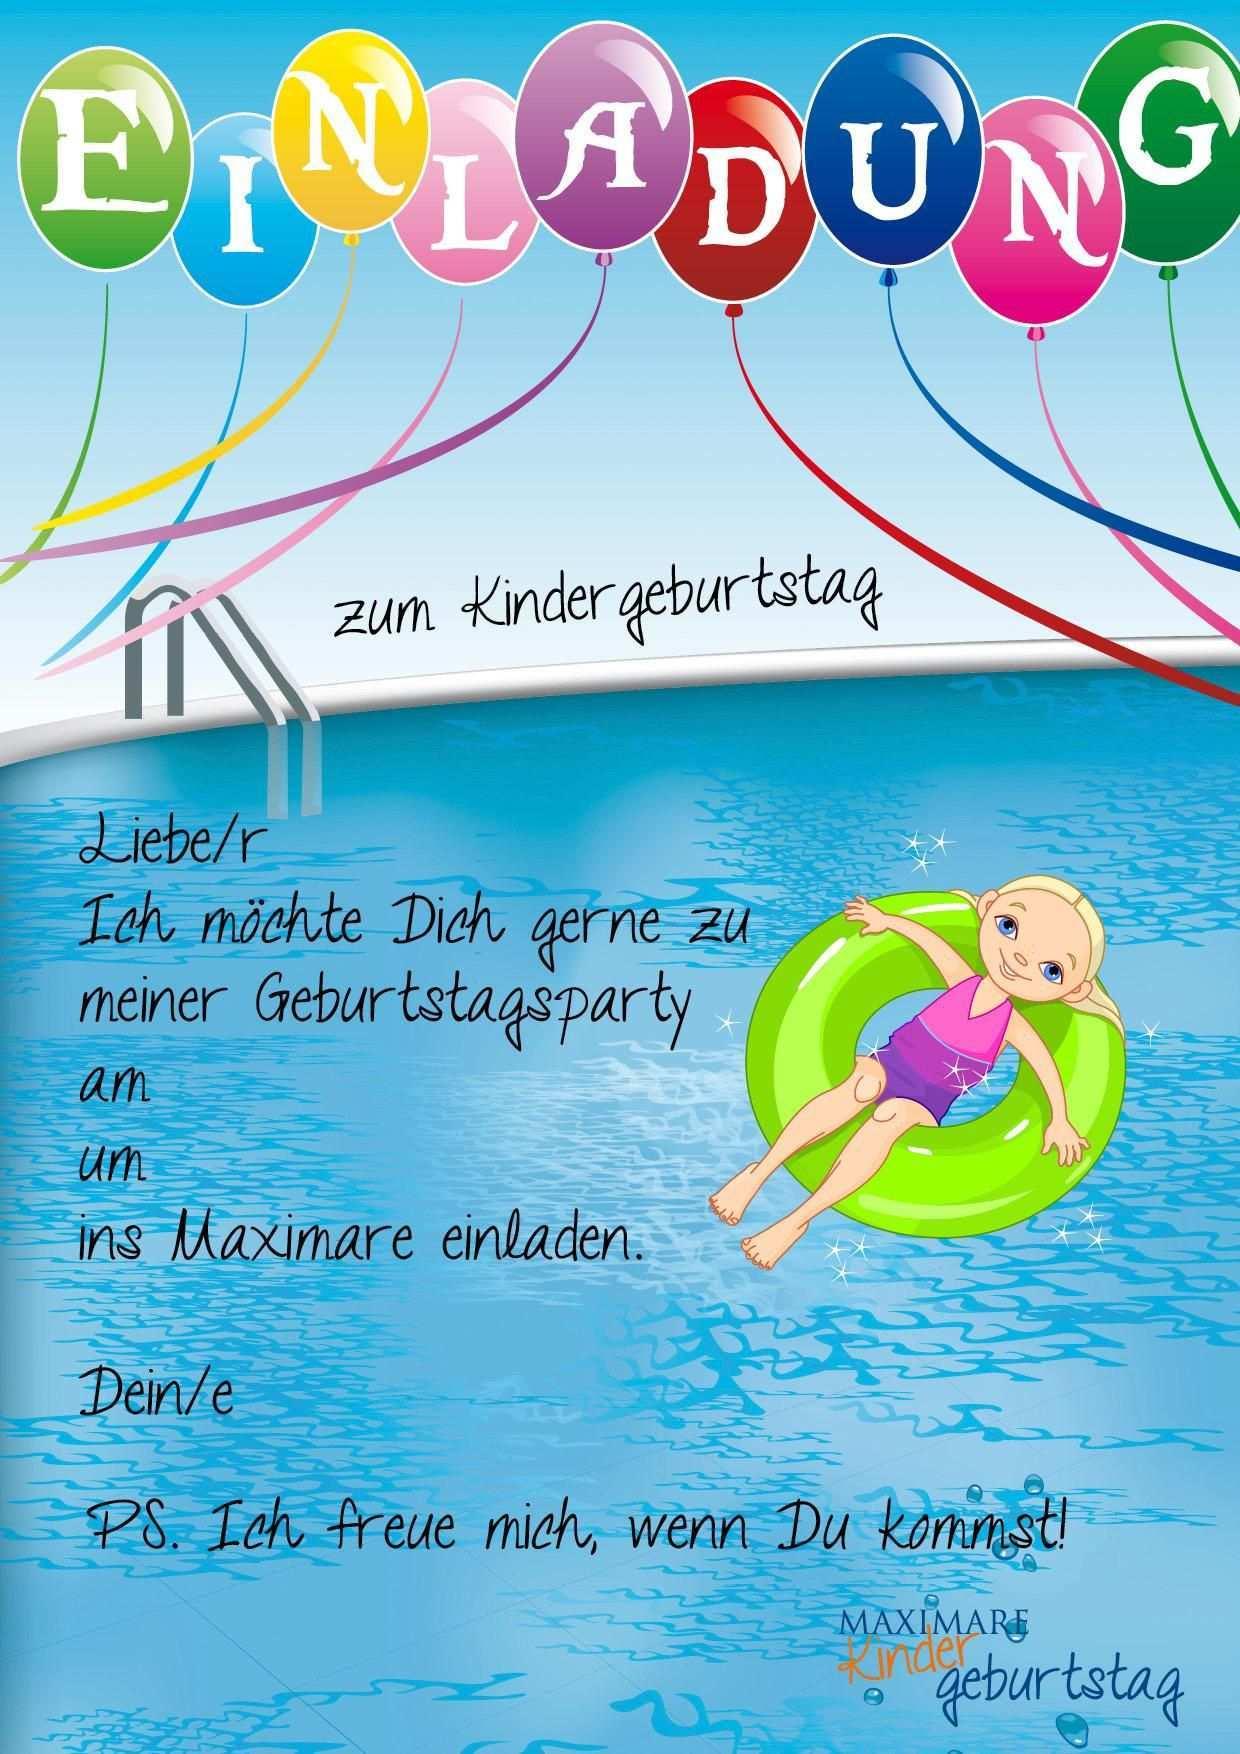 Einladungskarten Kindergeburtstag Basteln Schwimmbad Einladungskarten Kindergeburtstag Einladung Kindergeburtstag Kostenlos Einladung Kindergeburtstag